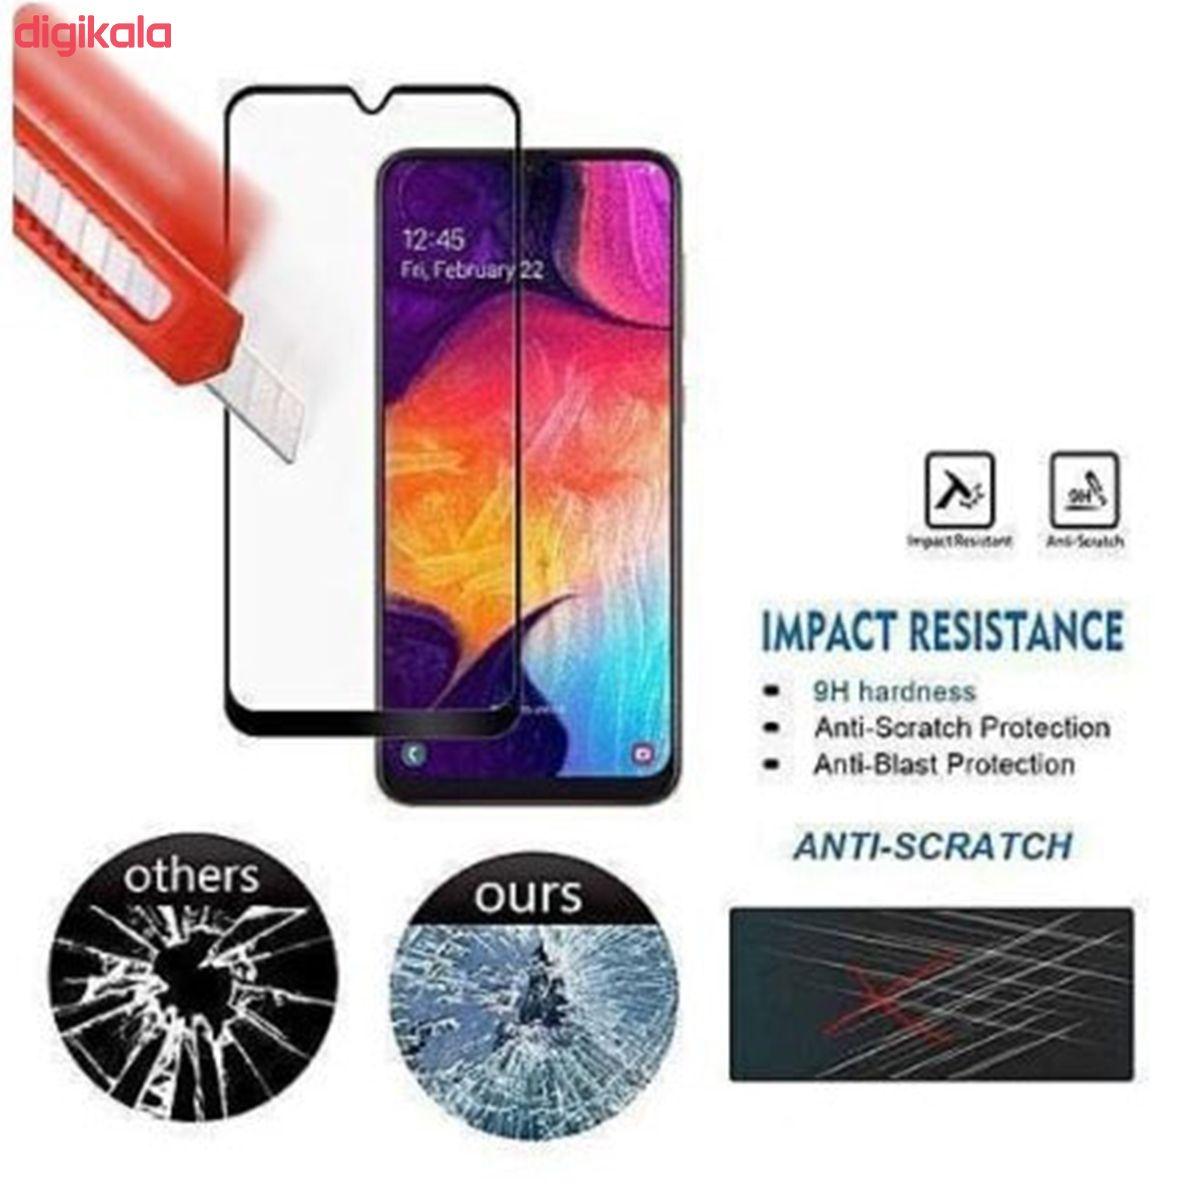 محافظ صفحه نمایش مدل PHSI مناسب برای گوشی موبایل سامسونگ Galaxy A50 main 1 1